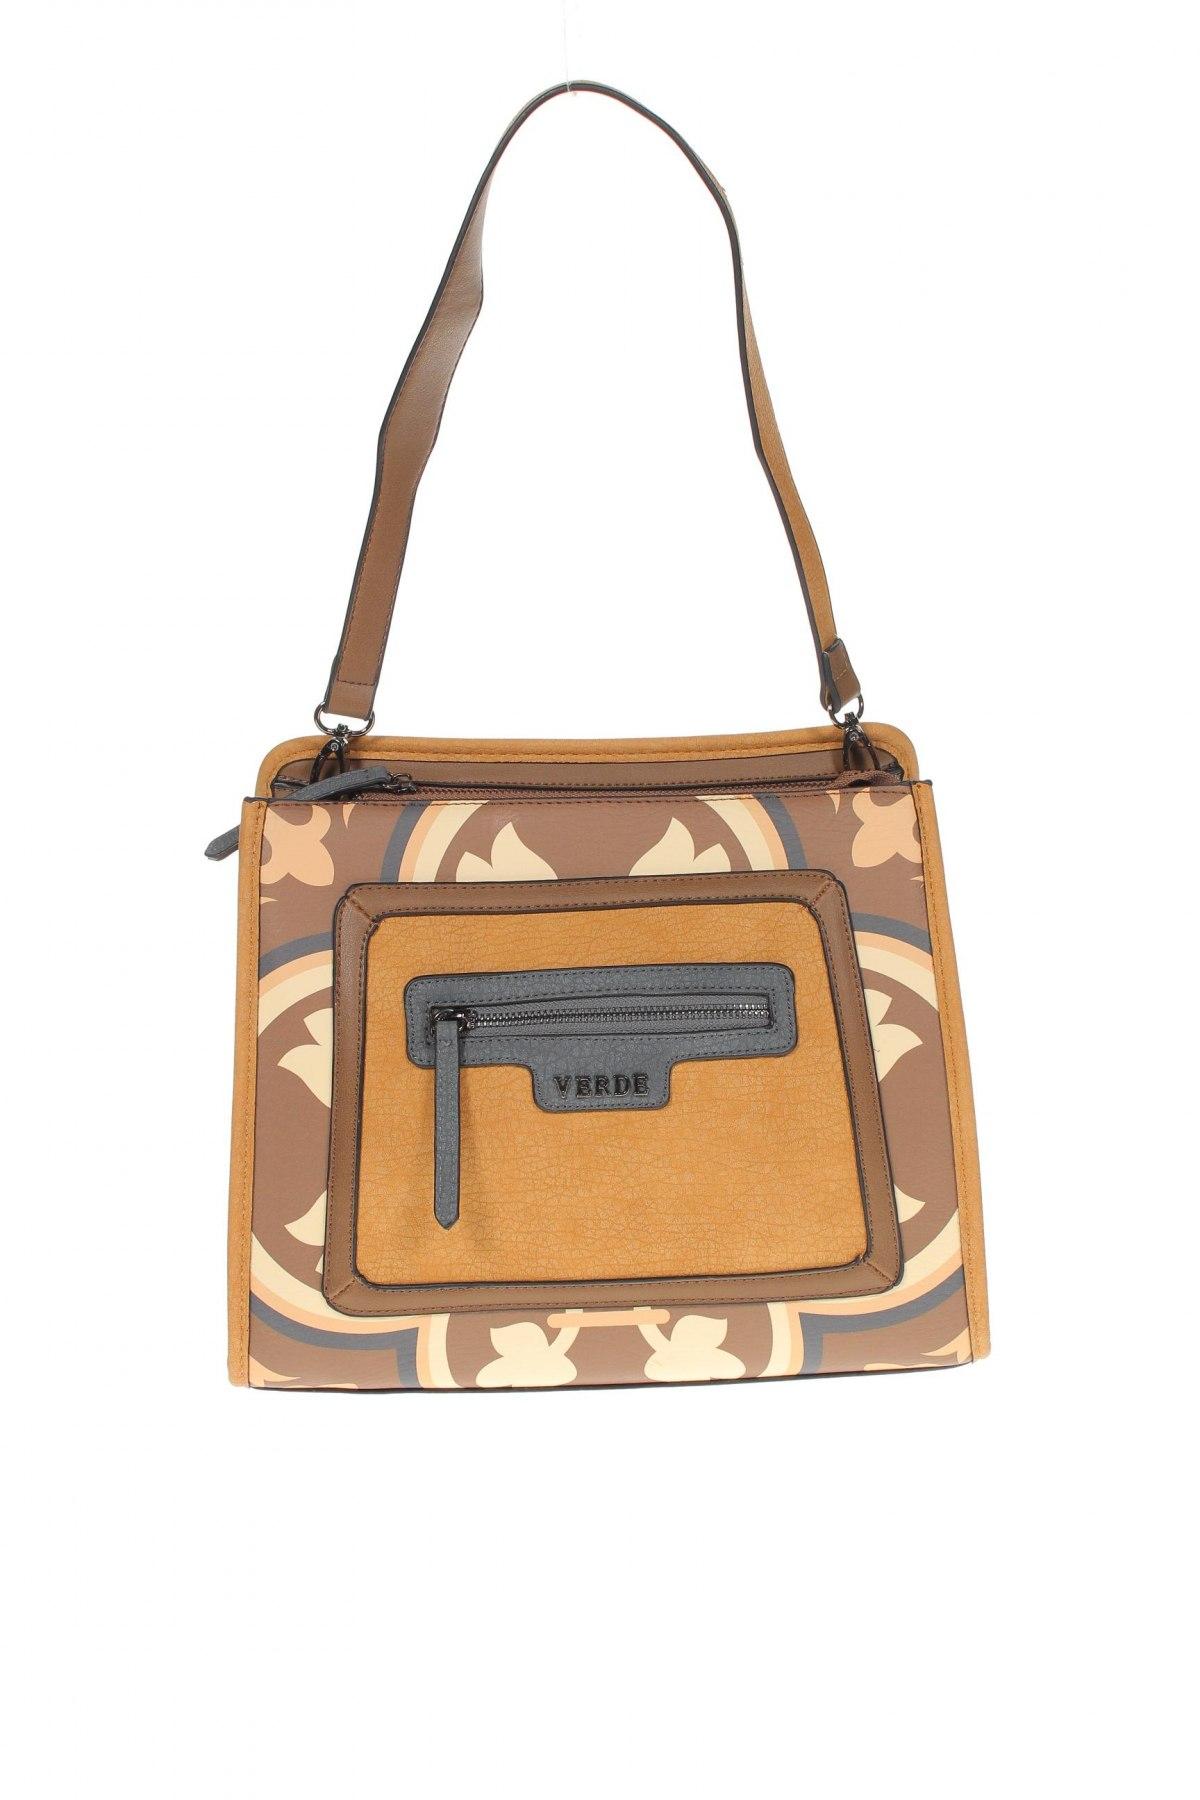 Дамска чанта Verde, Цвят Многоцветен, Еко кожа, Цена 66,75лв.